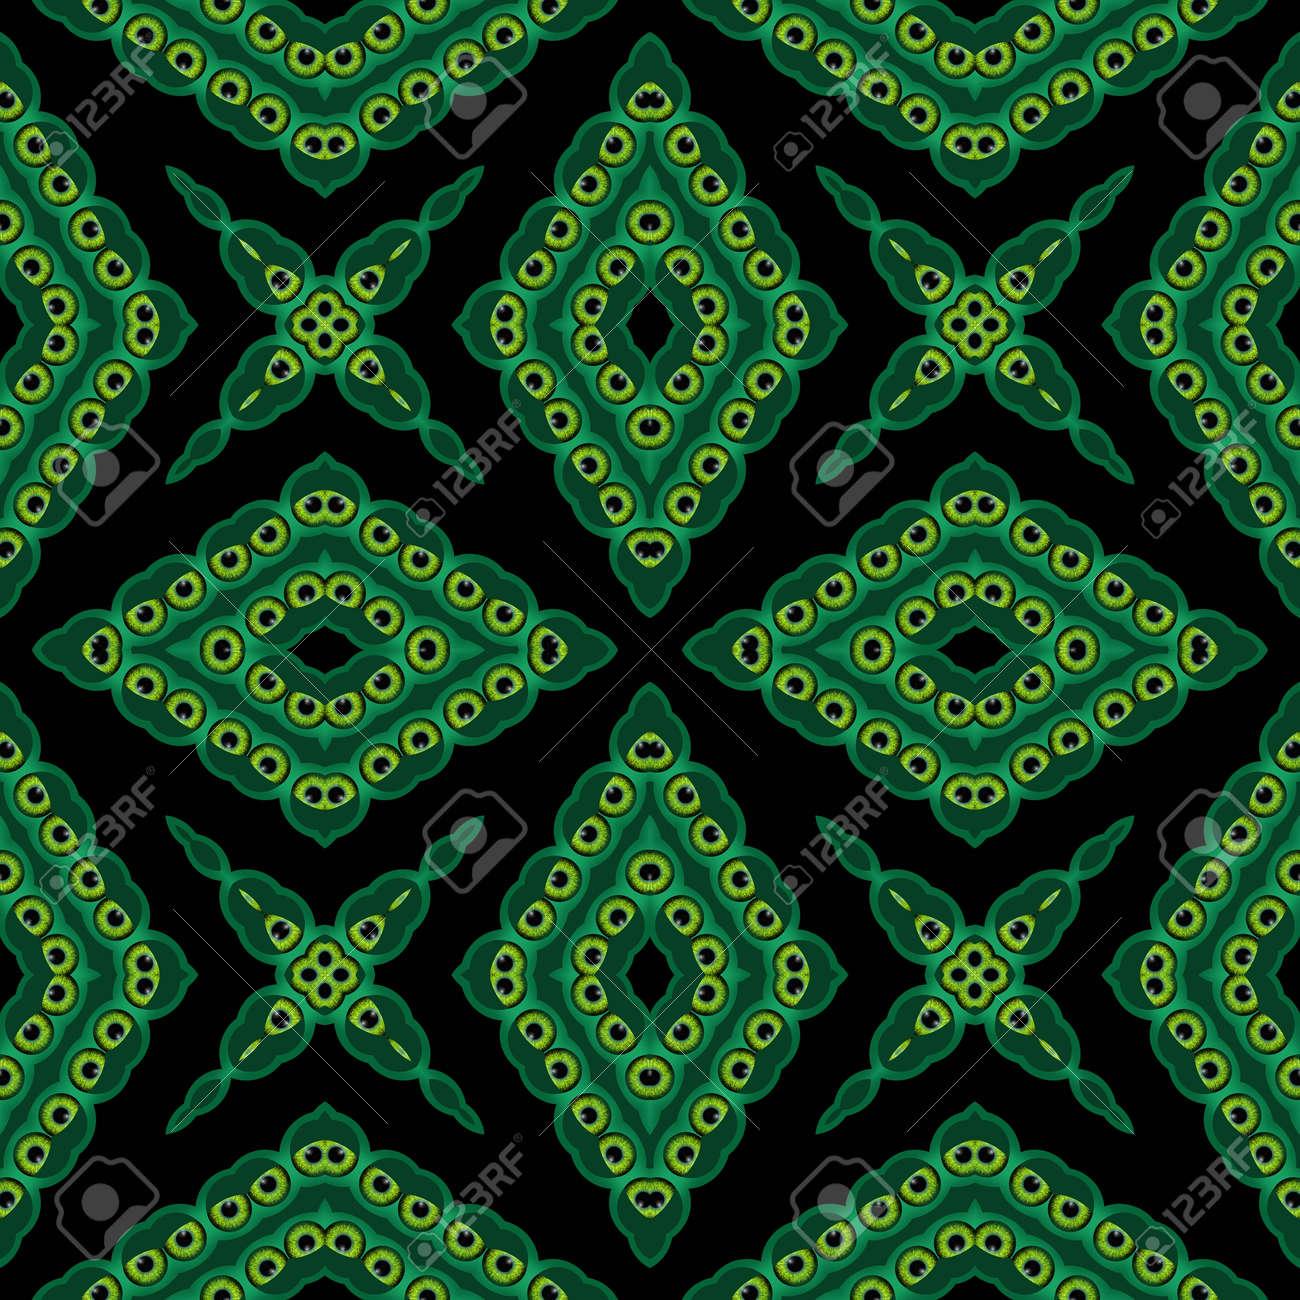 Immagini Stock Sfondo Verde E Nero Caleidoscopico Generato Senza